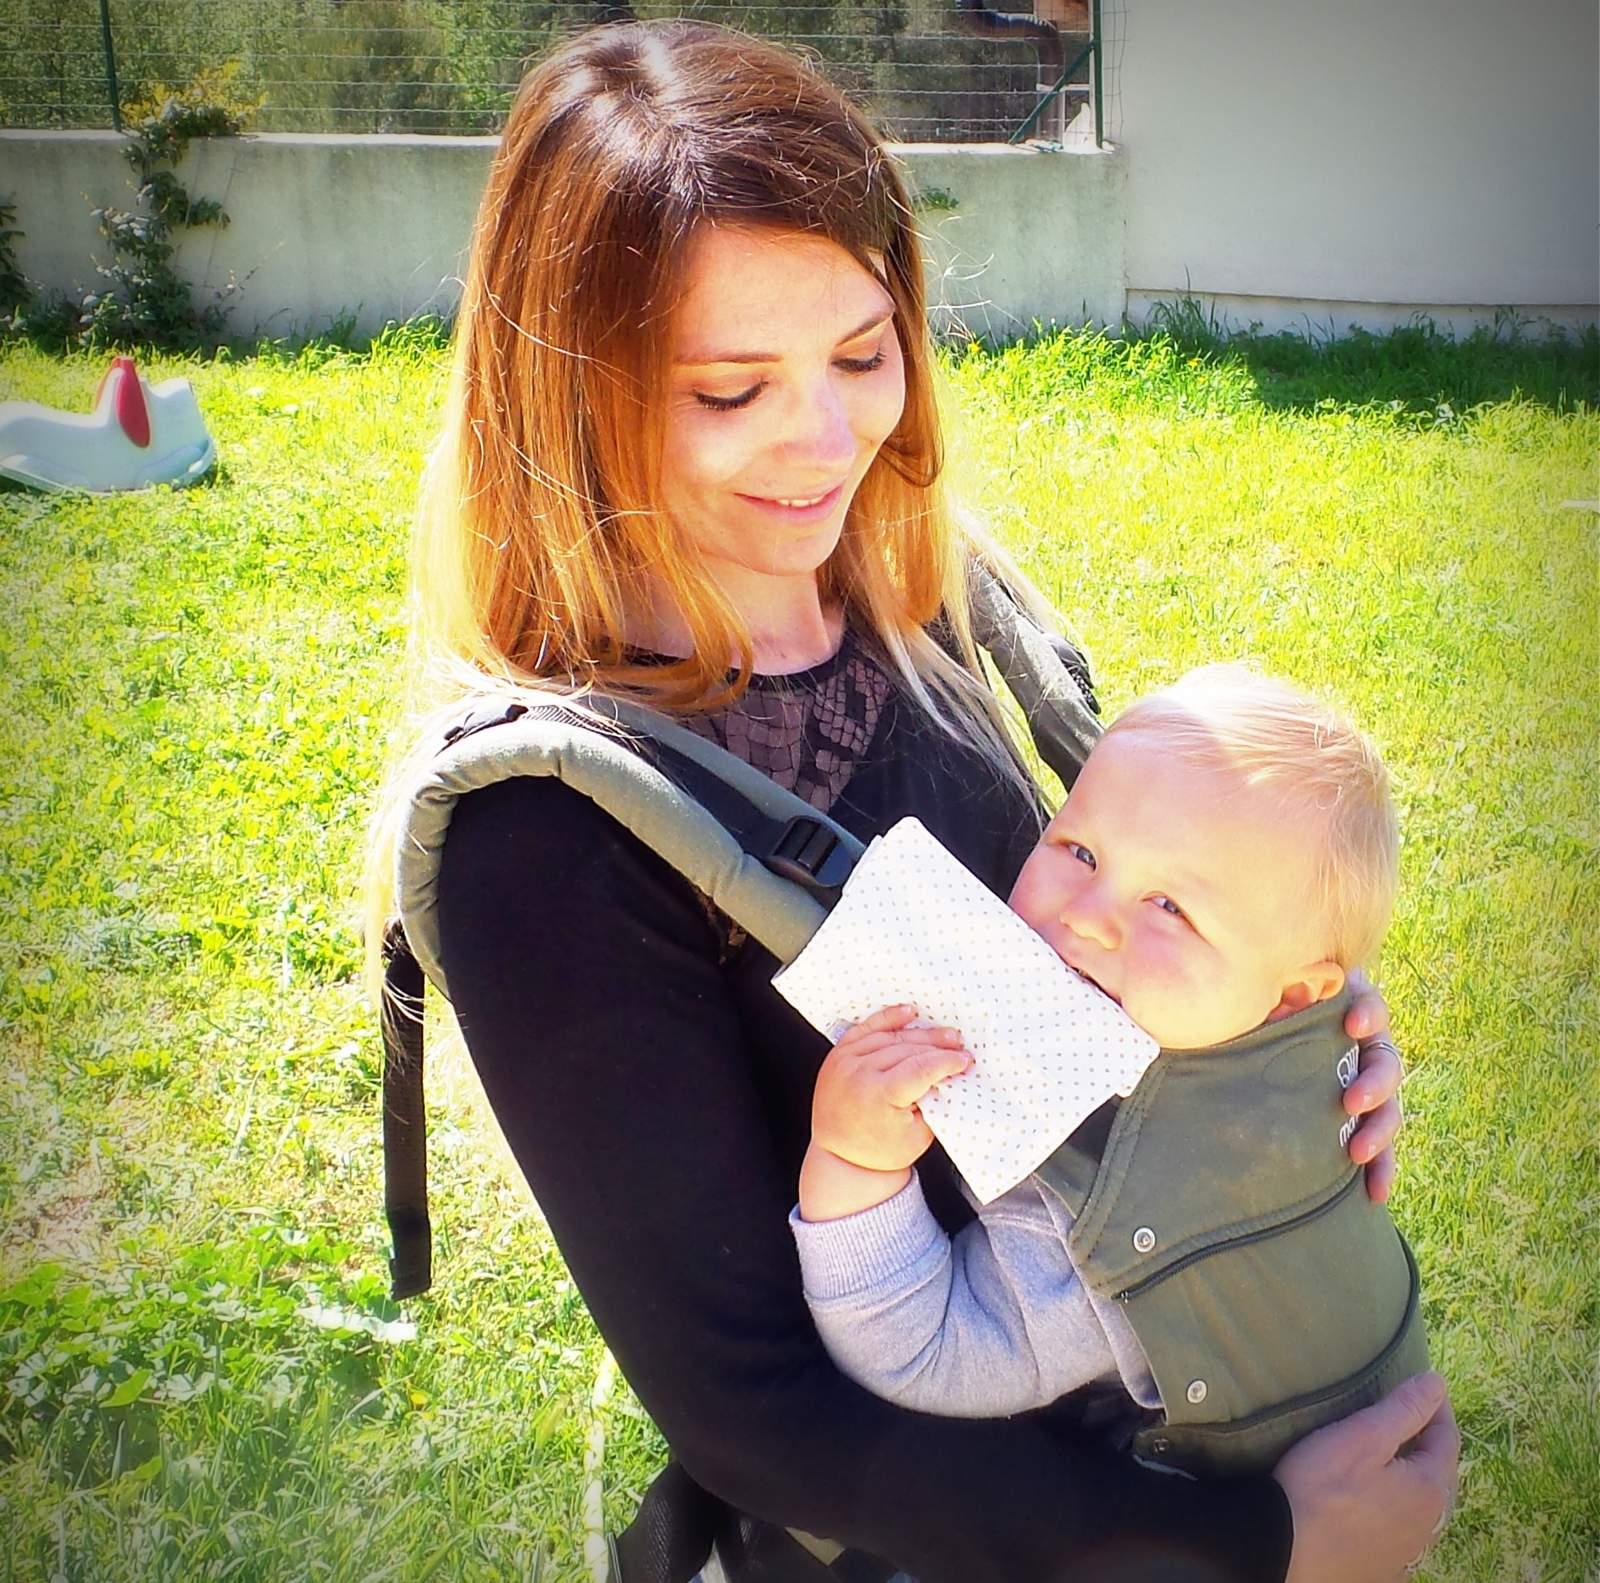 Protège bretelle porte bébé